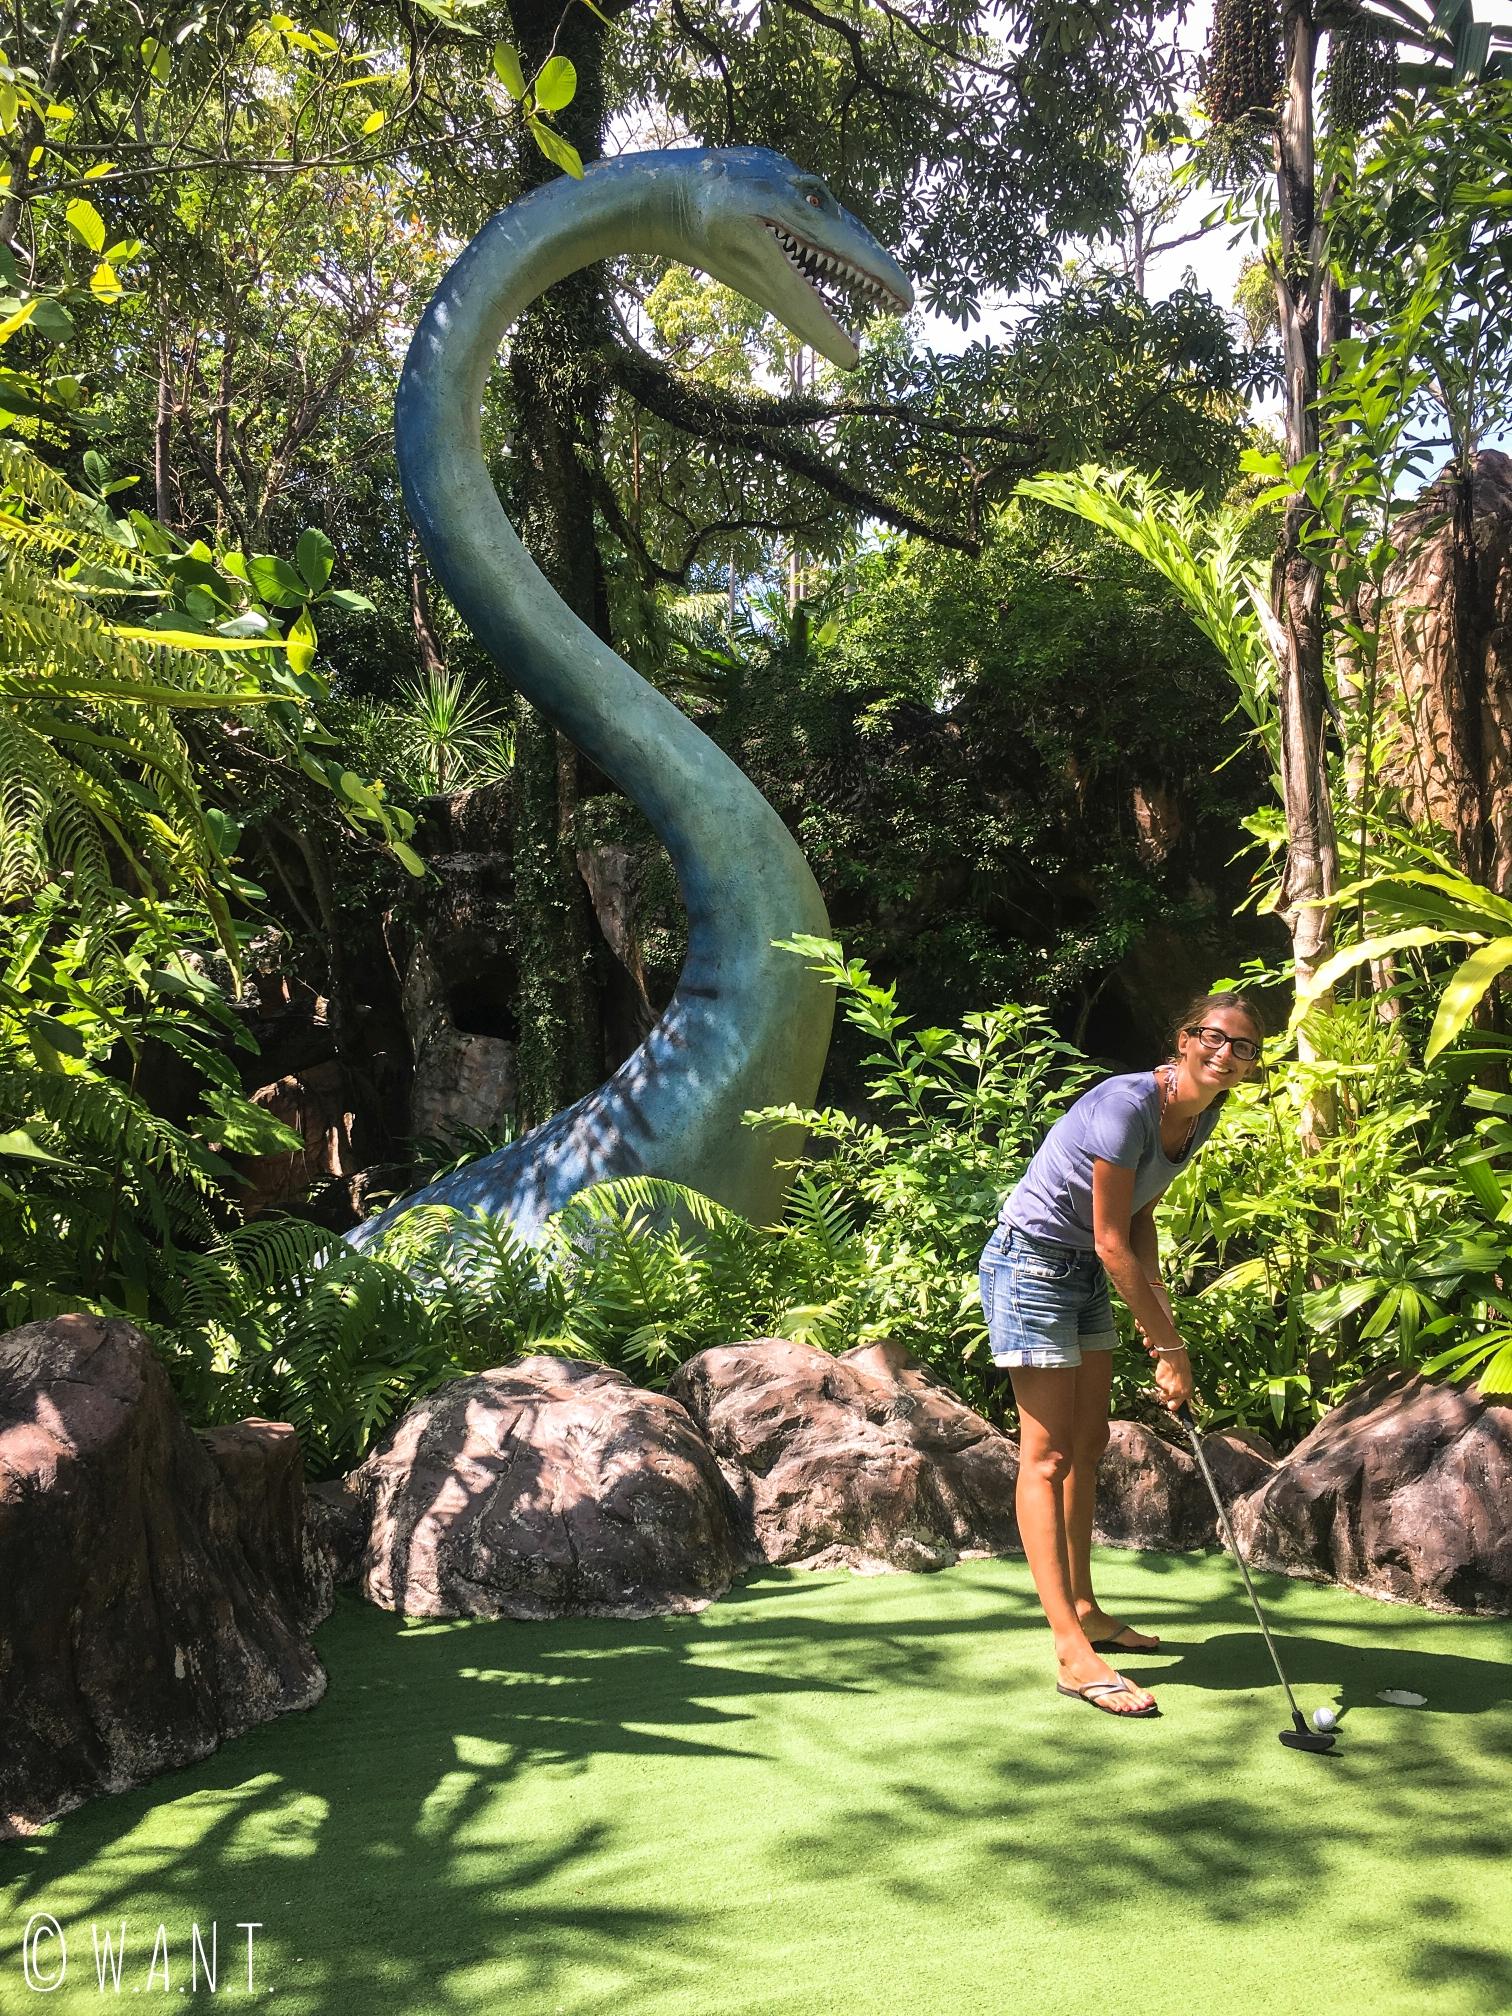 Marion s'amuse comme une folle au Dino mini-golf de Phuket